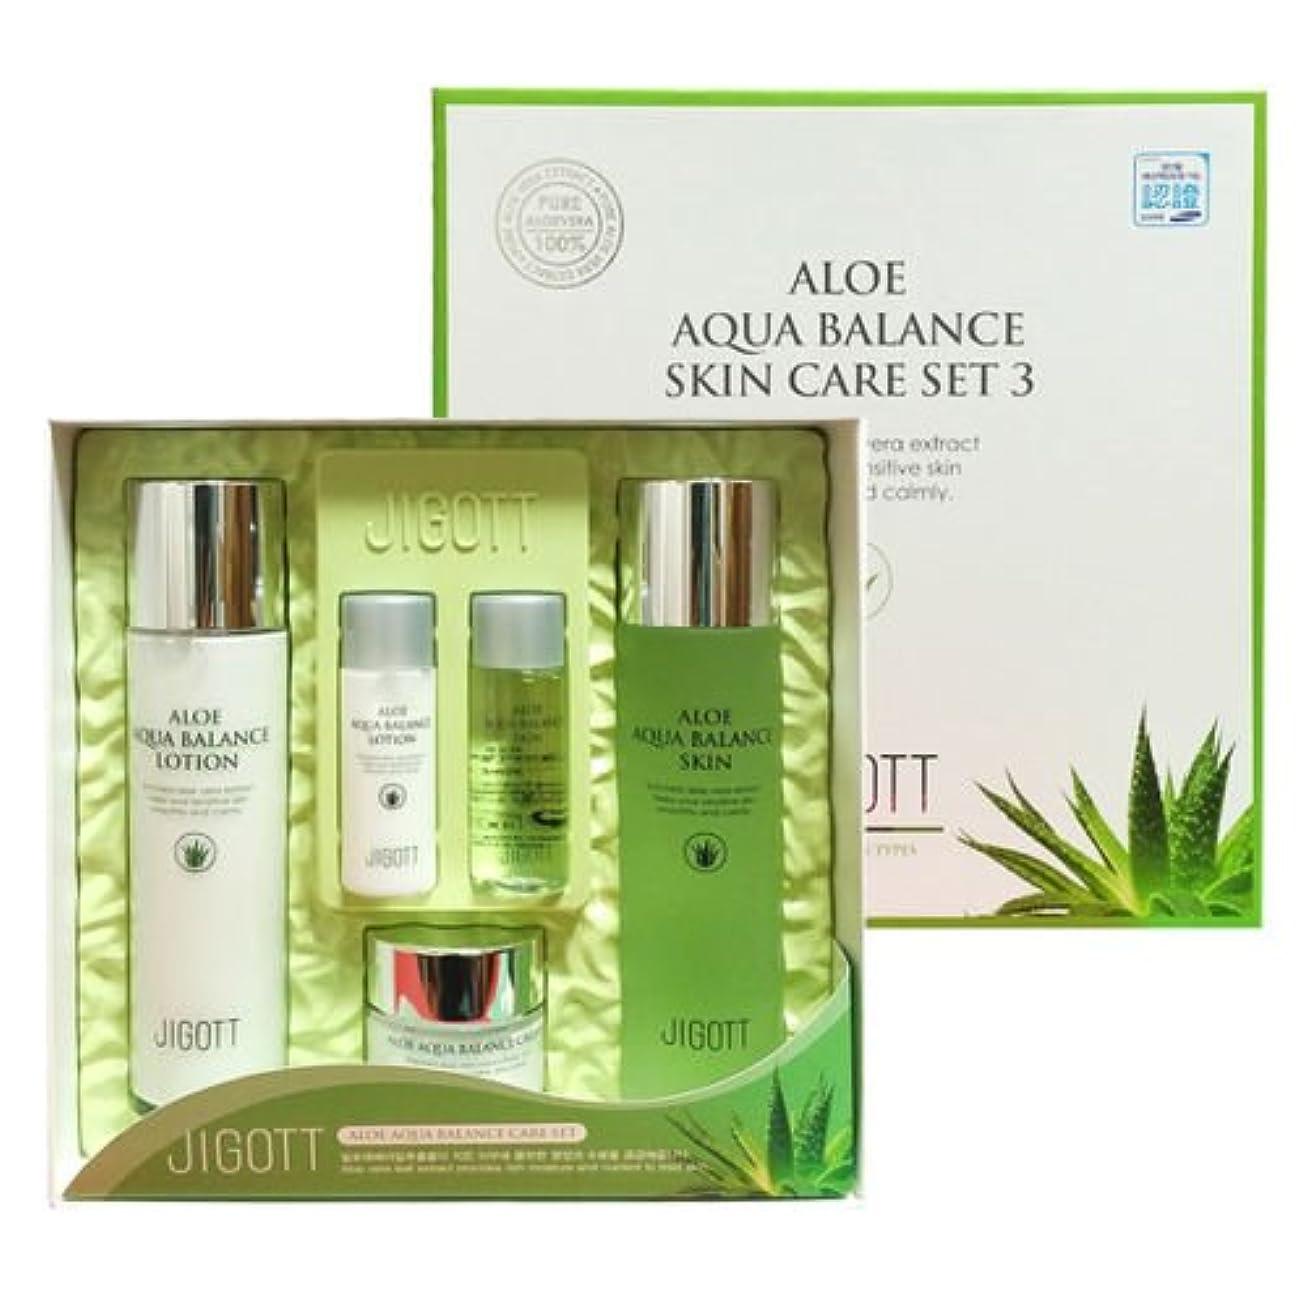 買収時々主ジゴトゥ[韓国コスメJigott]Aloe Aqua Balance Skin Care 3 Set アロエアクアバランススキンケア3セット樹液,乳液,クリーム [並行輸入品]